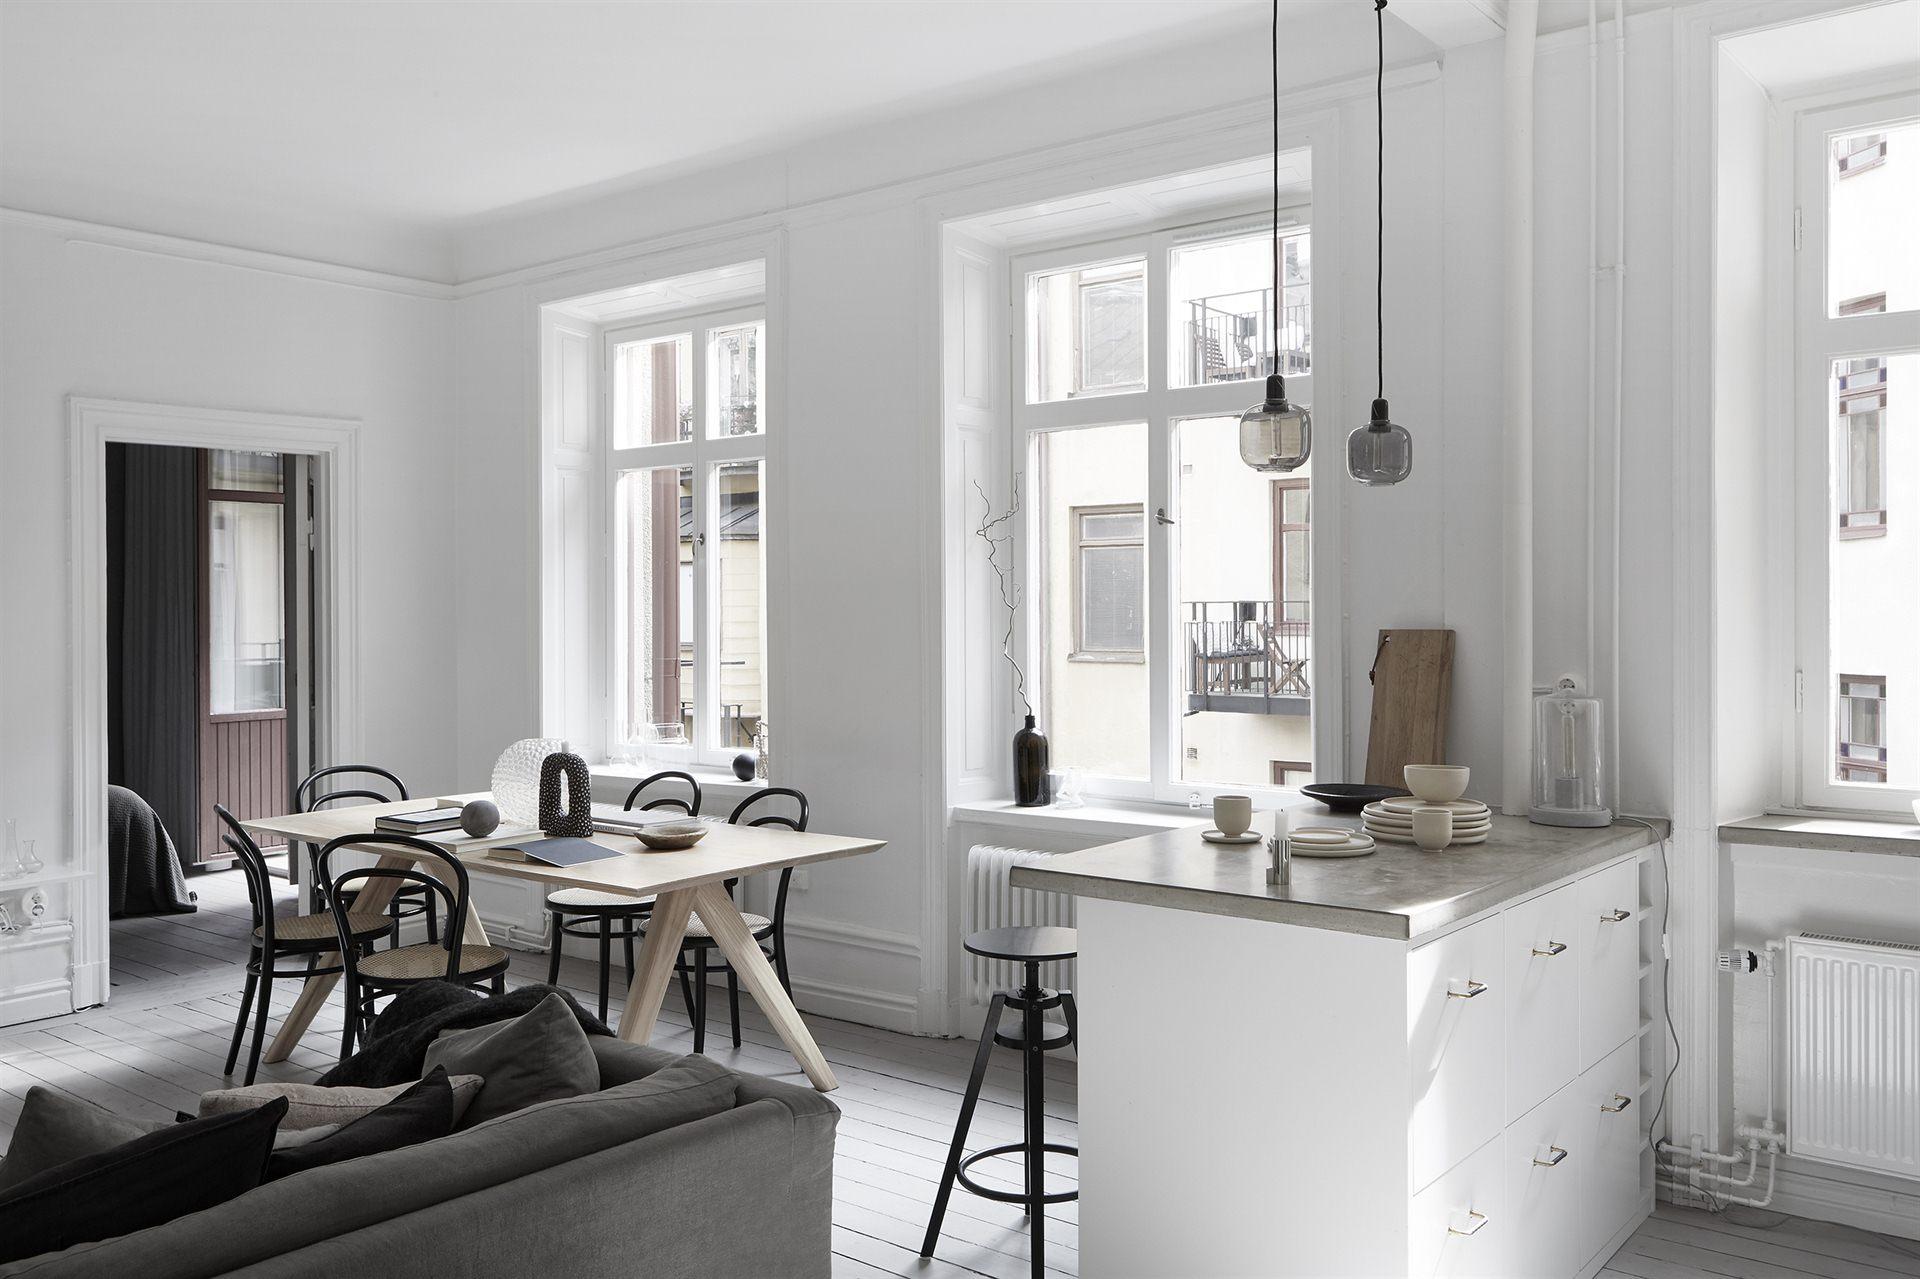 кухня гостиная кухонный остров барные стулья диван подушки стол окно откосы радиатор отопления